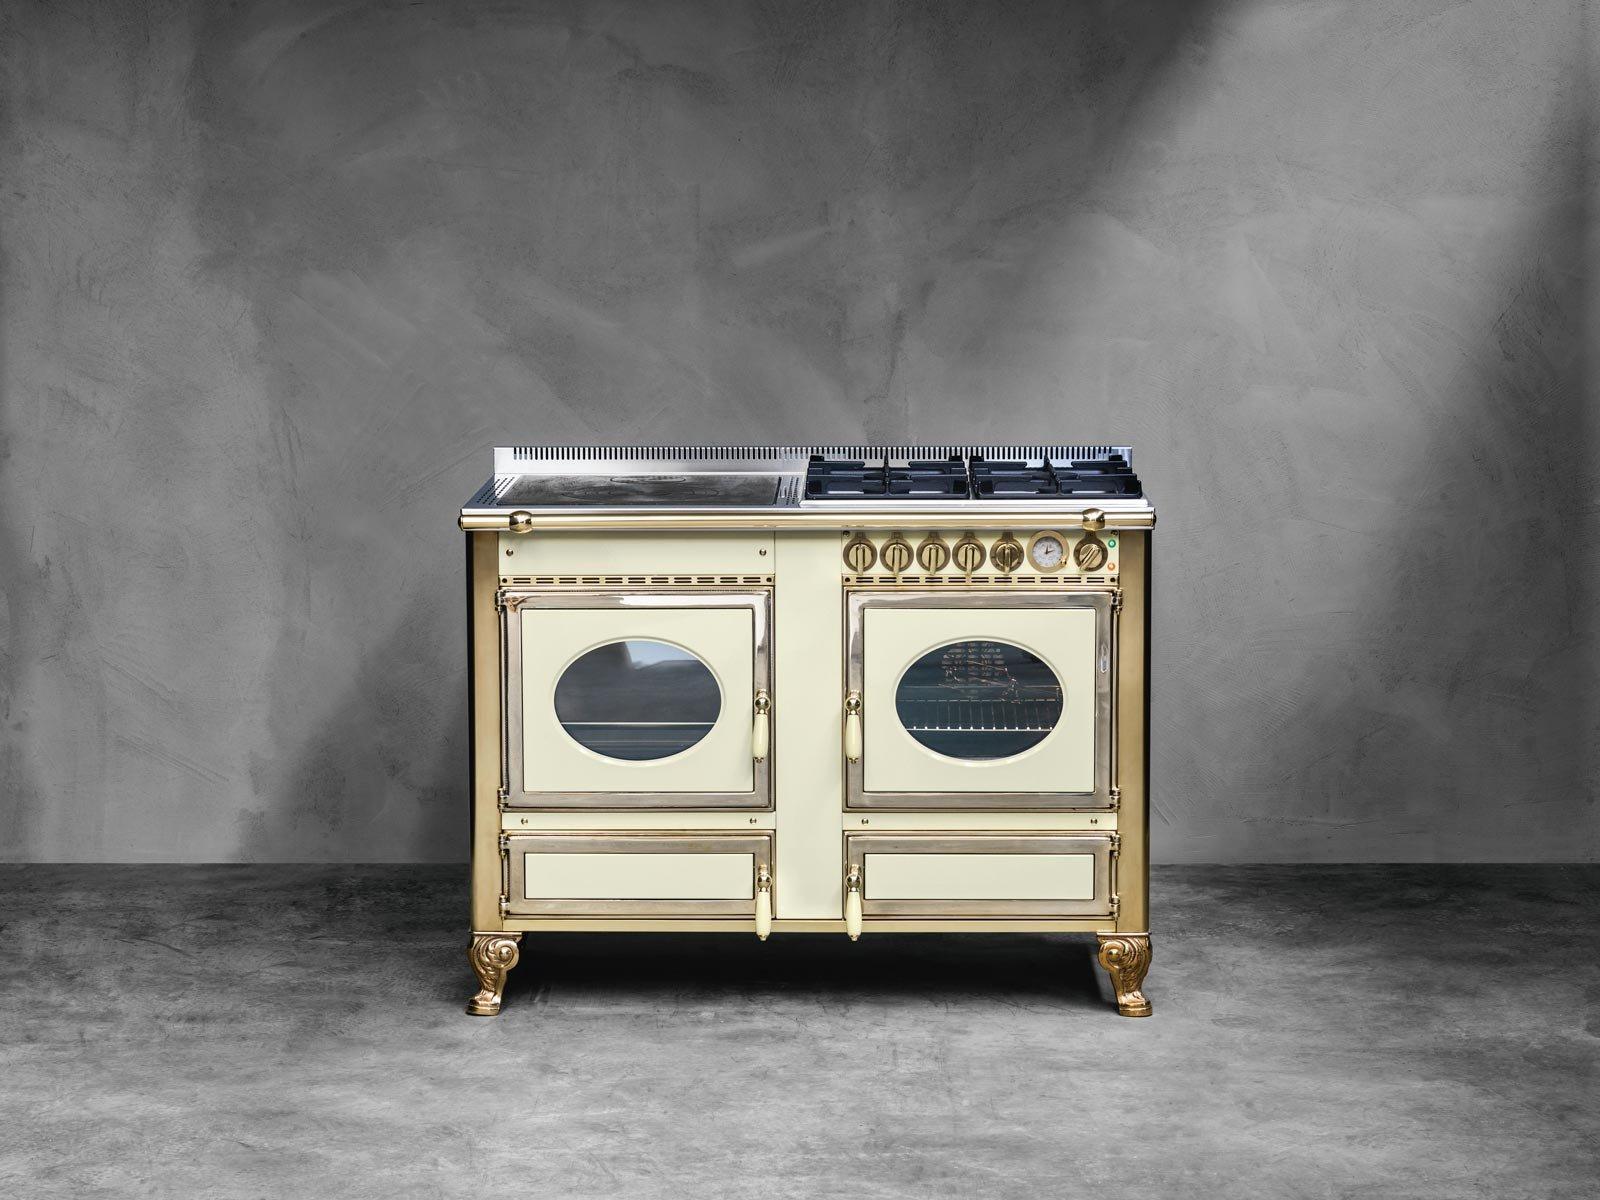 Cucine r tro una tradizione senza tempo cose di casa - Pistoni a gas per ante cucina ...